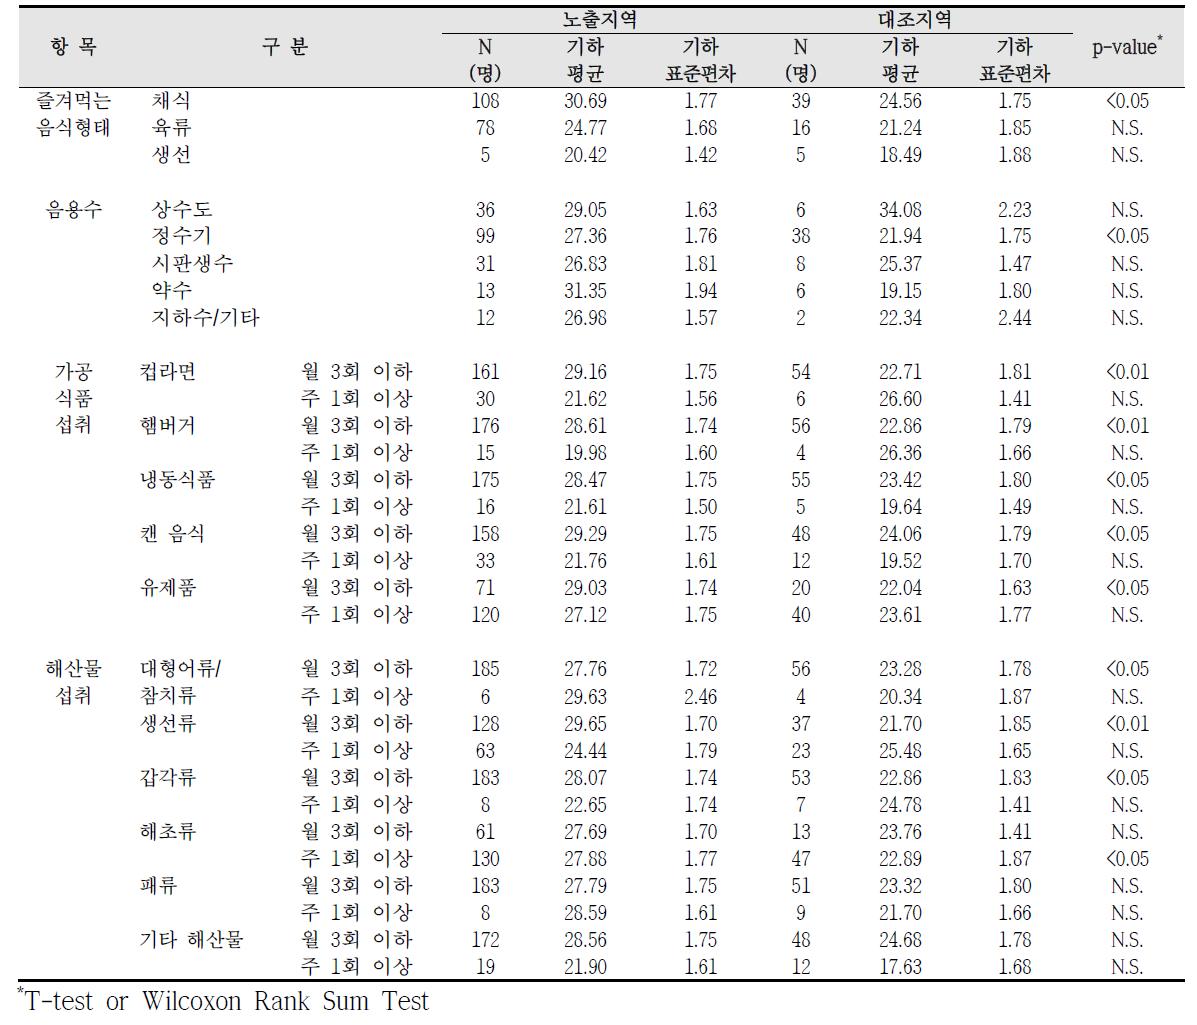 청주산업단지 식생활 습관에 따른 요중 MECPP 농도 비교